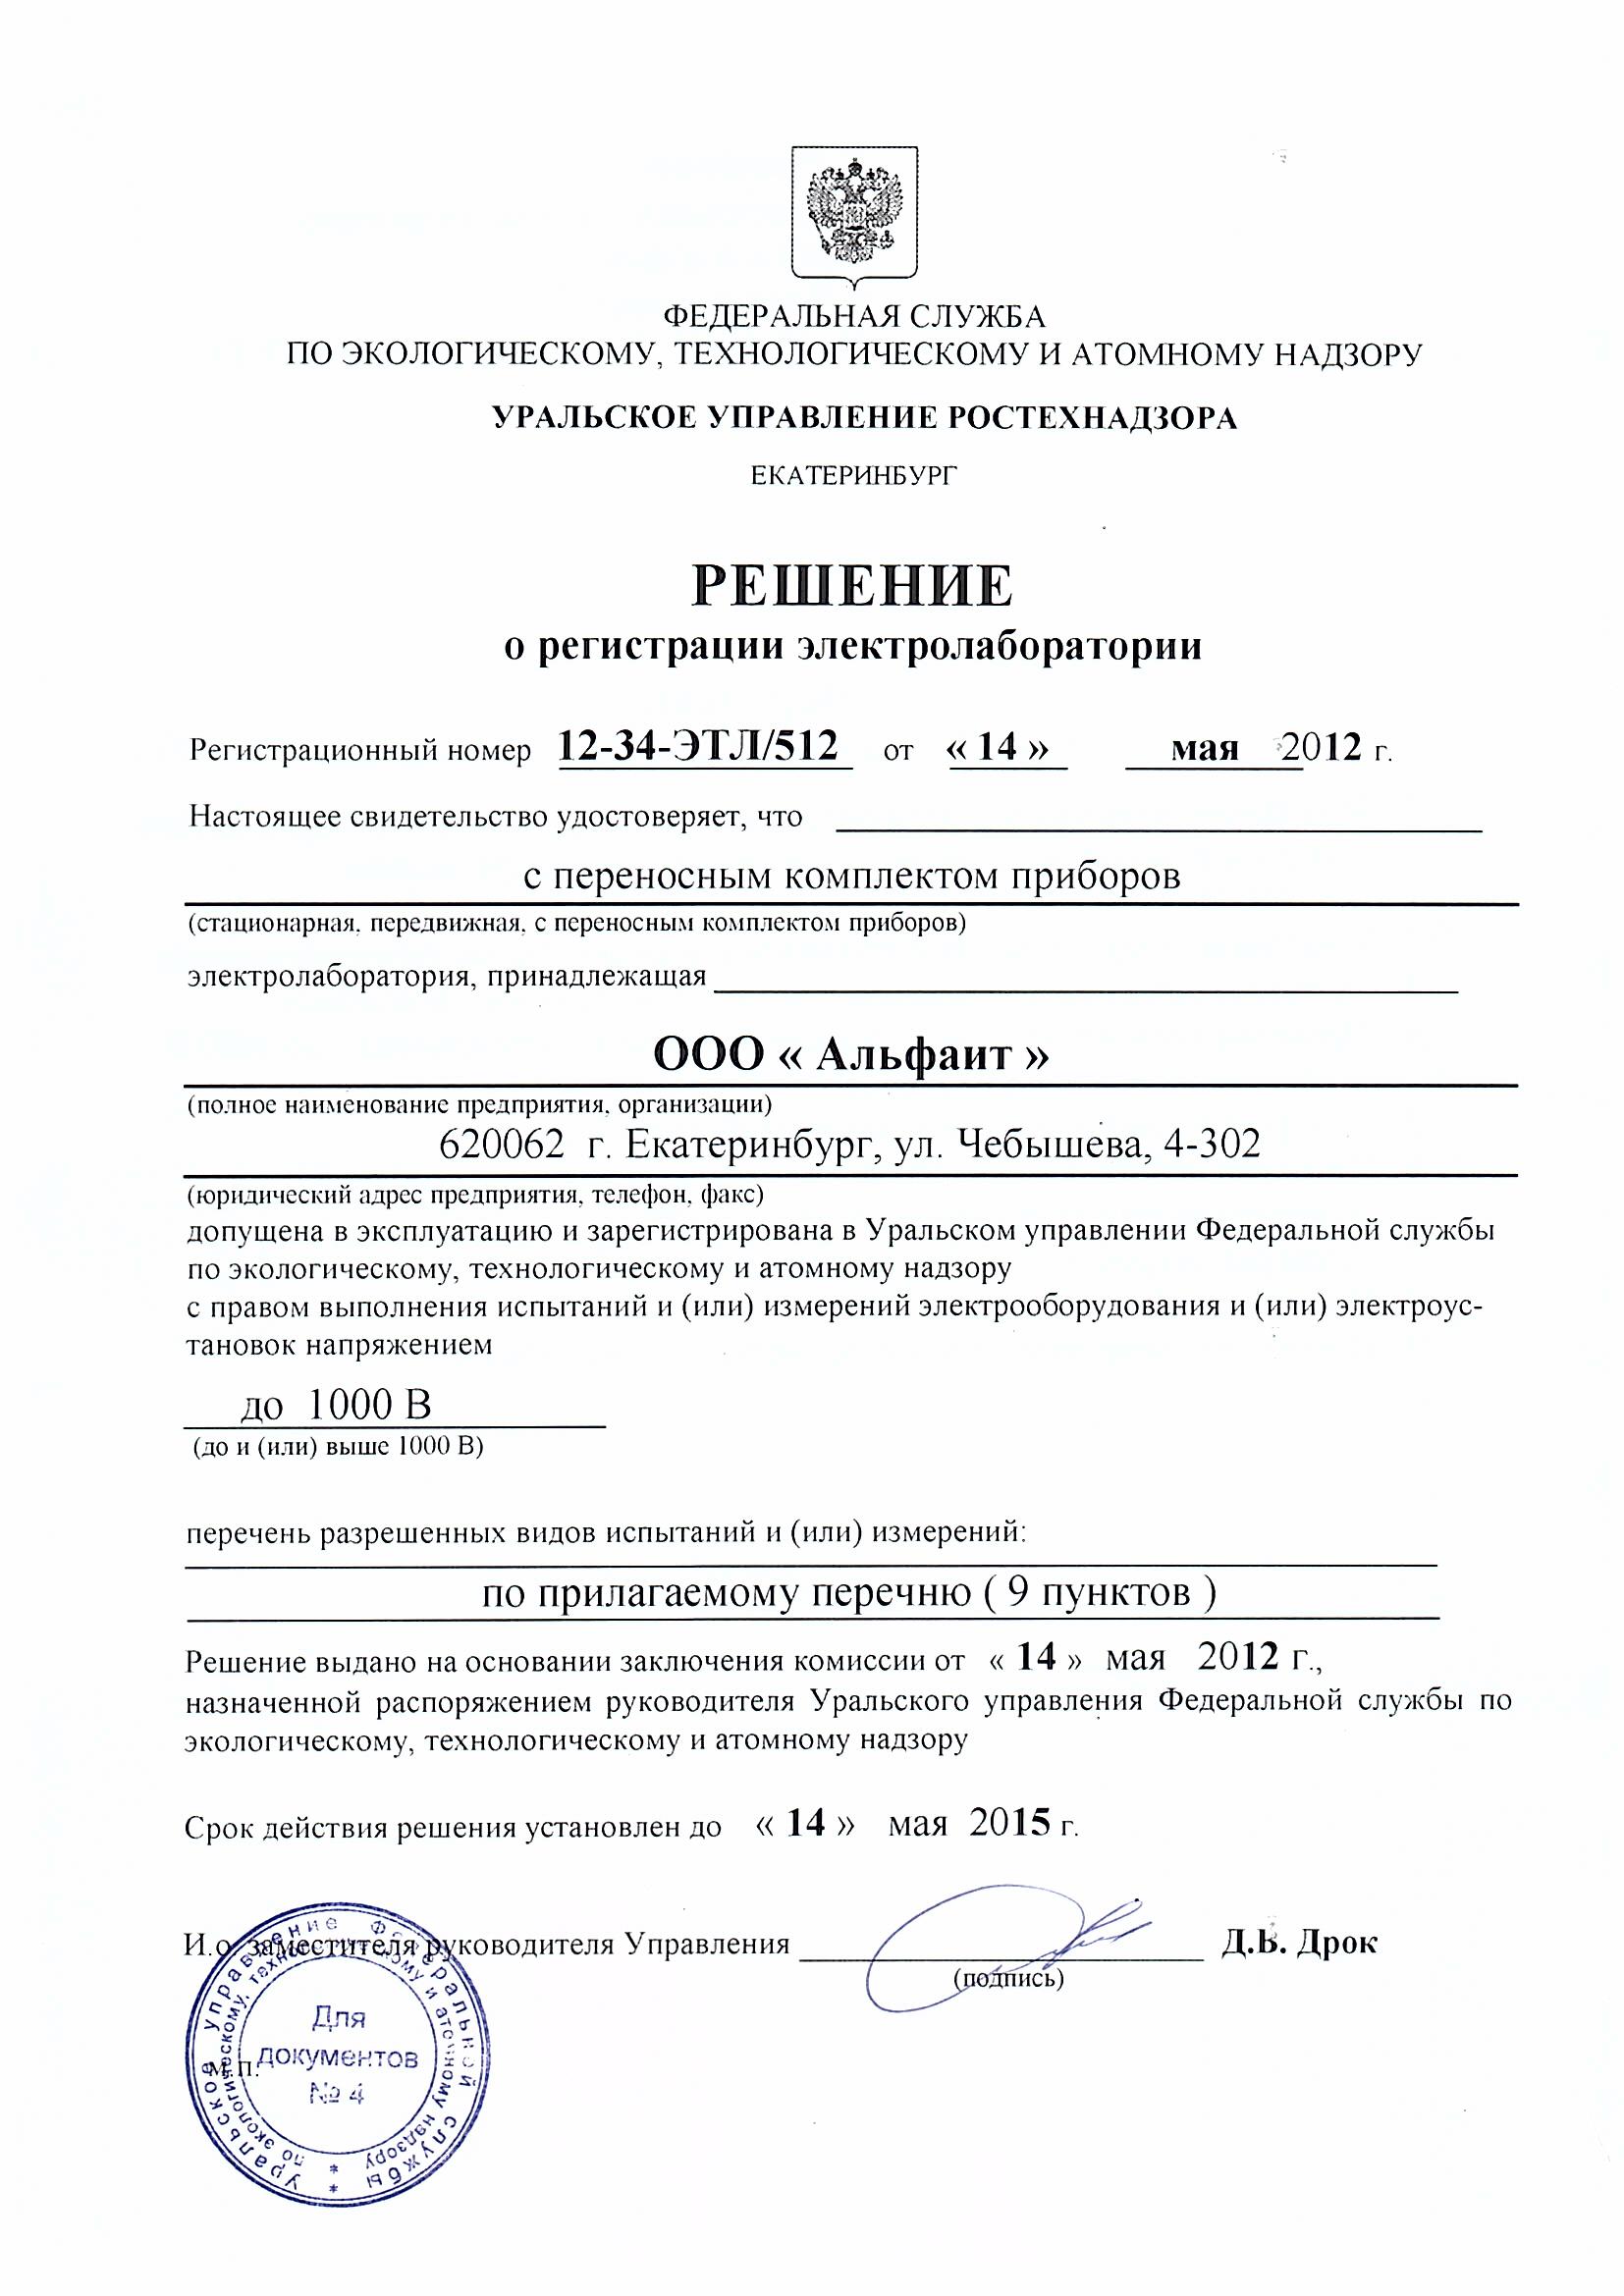 Свидетельство о регистрации лаборатории 1стр